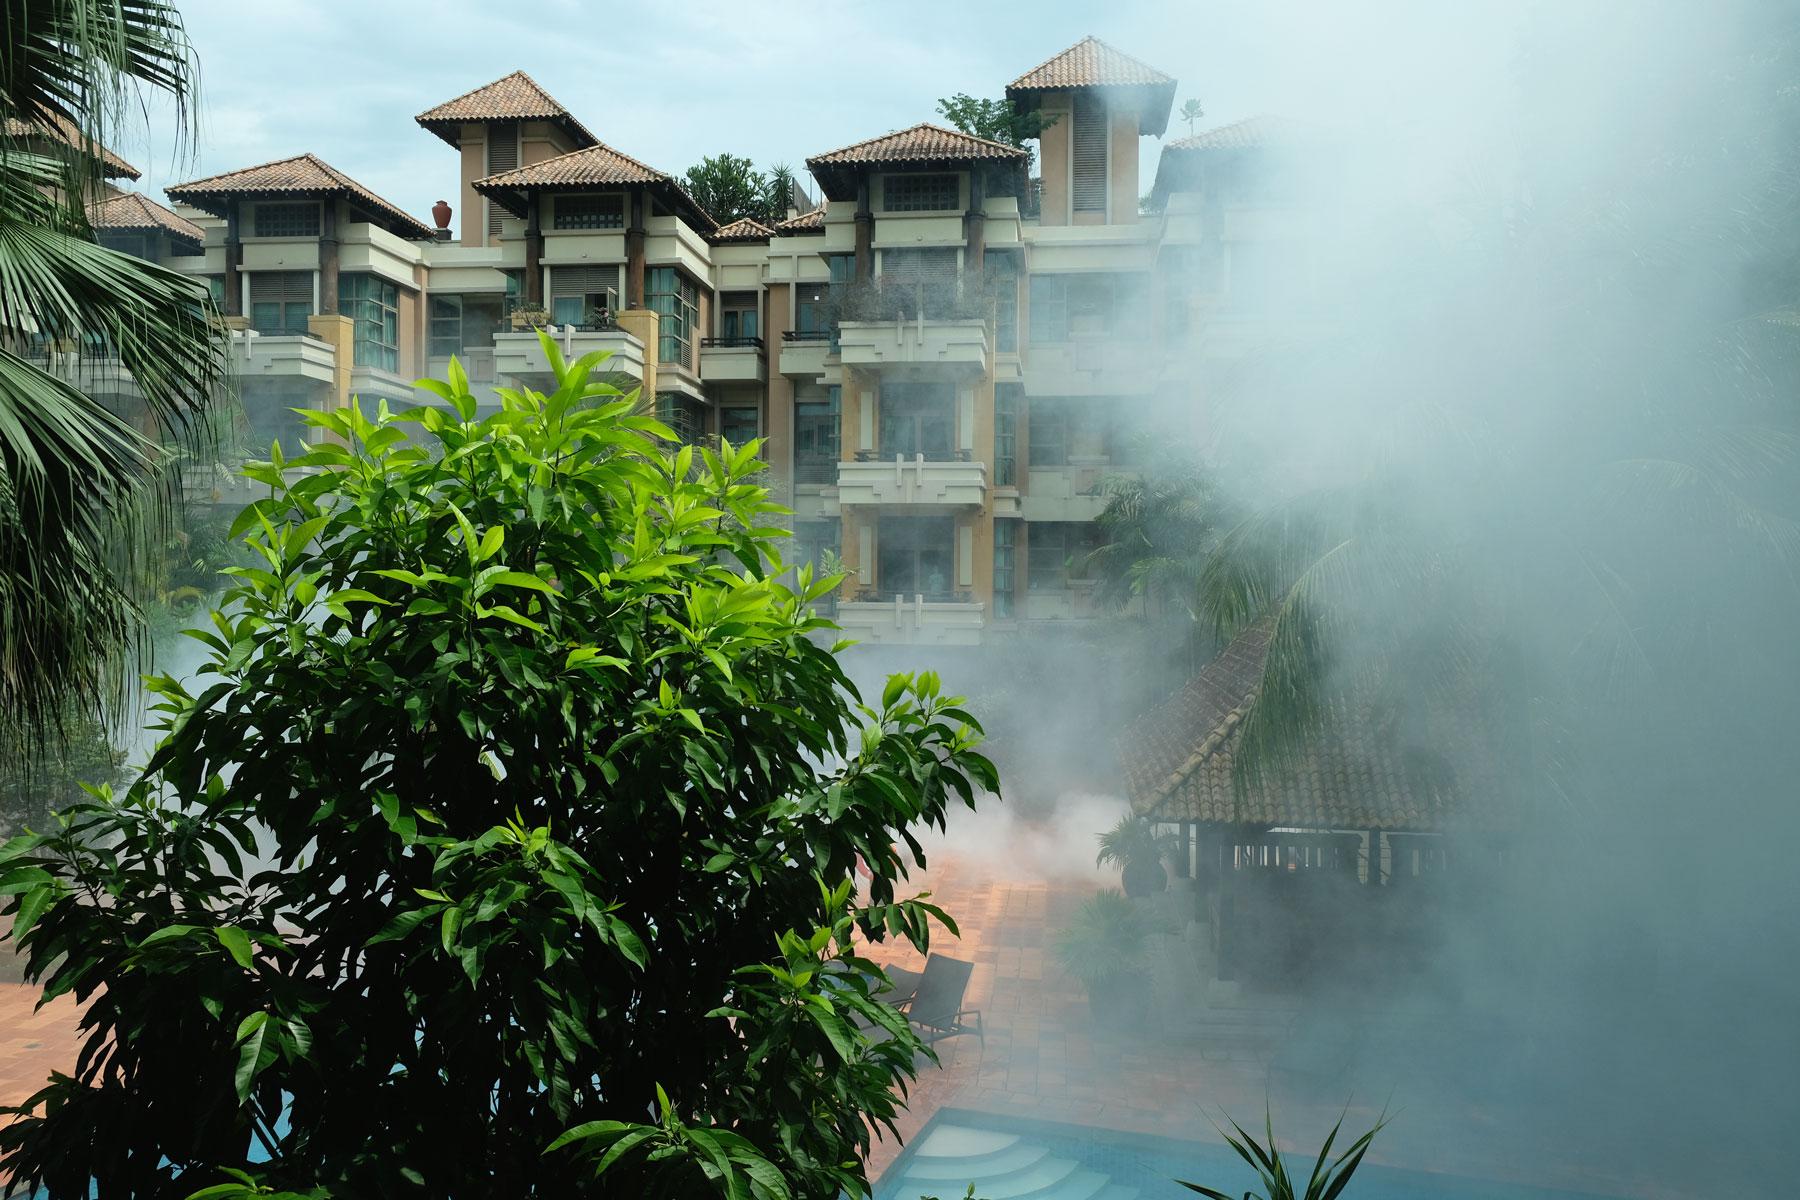 Nebelwolken in einer Wohnanlage in Singapur.